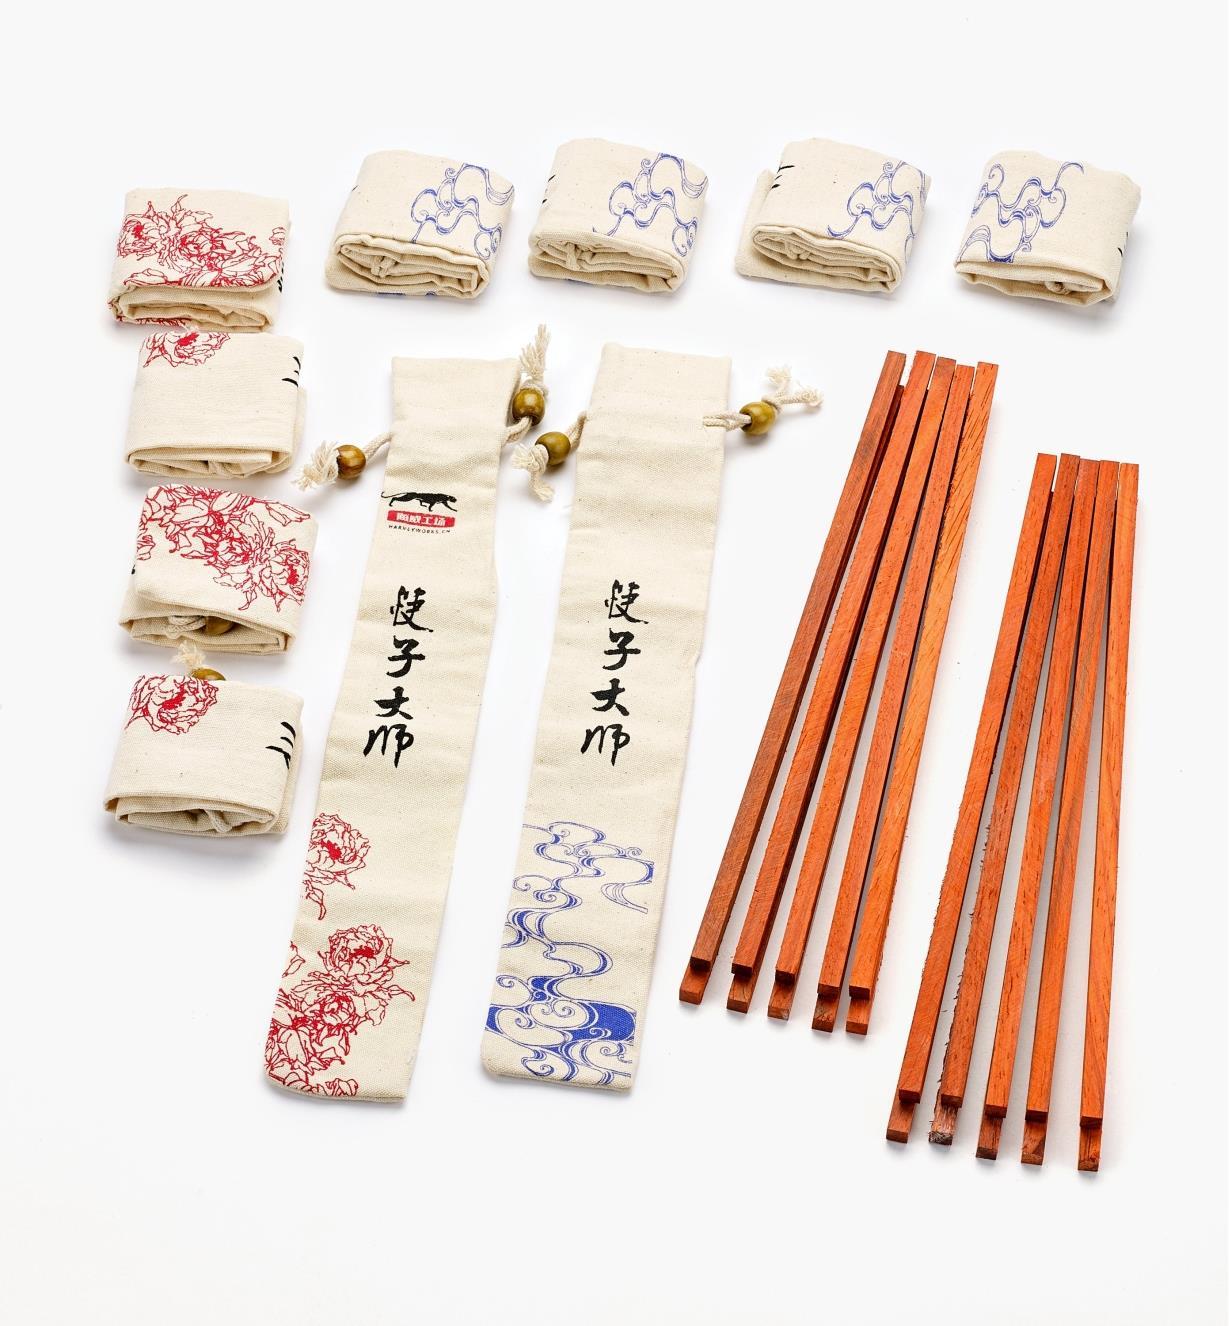 17N1609 - Ébauches de baguettes en padouk, 10 paires avec étuis